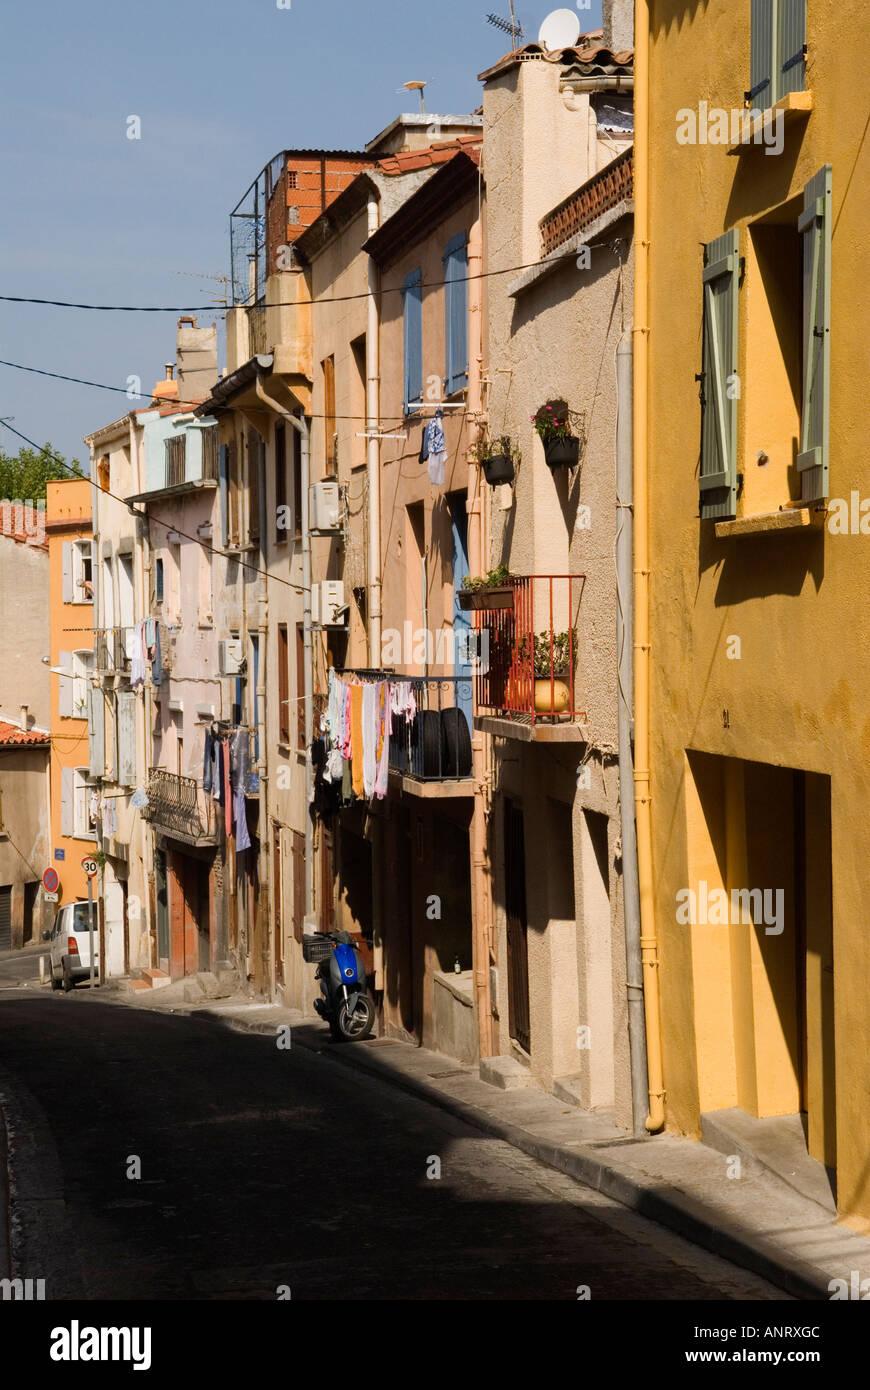 Maisons peintes de couleurs vives dans la vieille ville La ville médiévale ville de Perpignan France Photo Stock